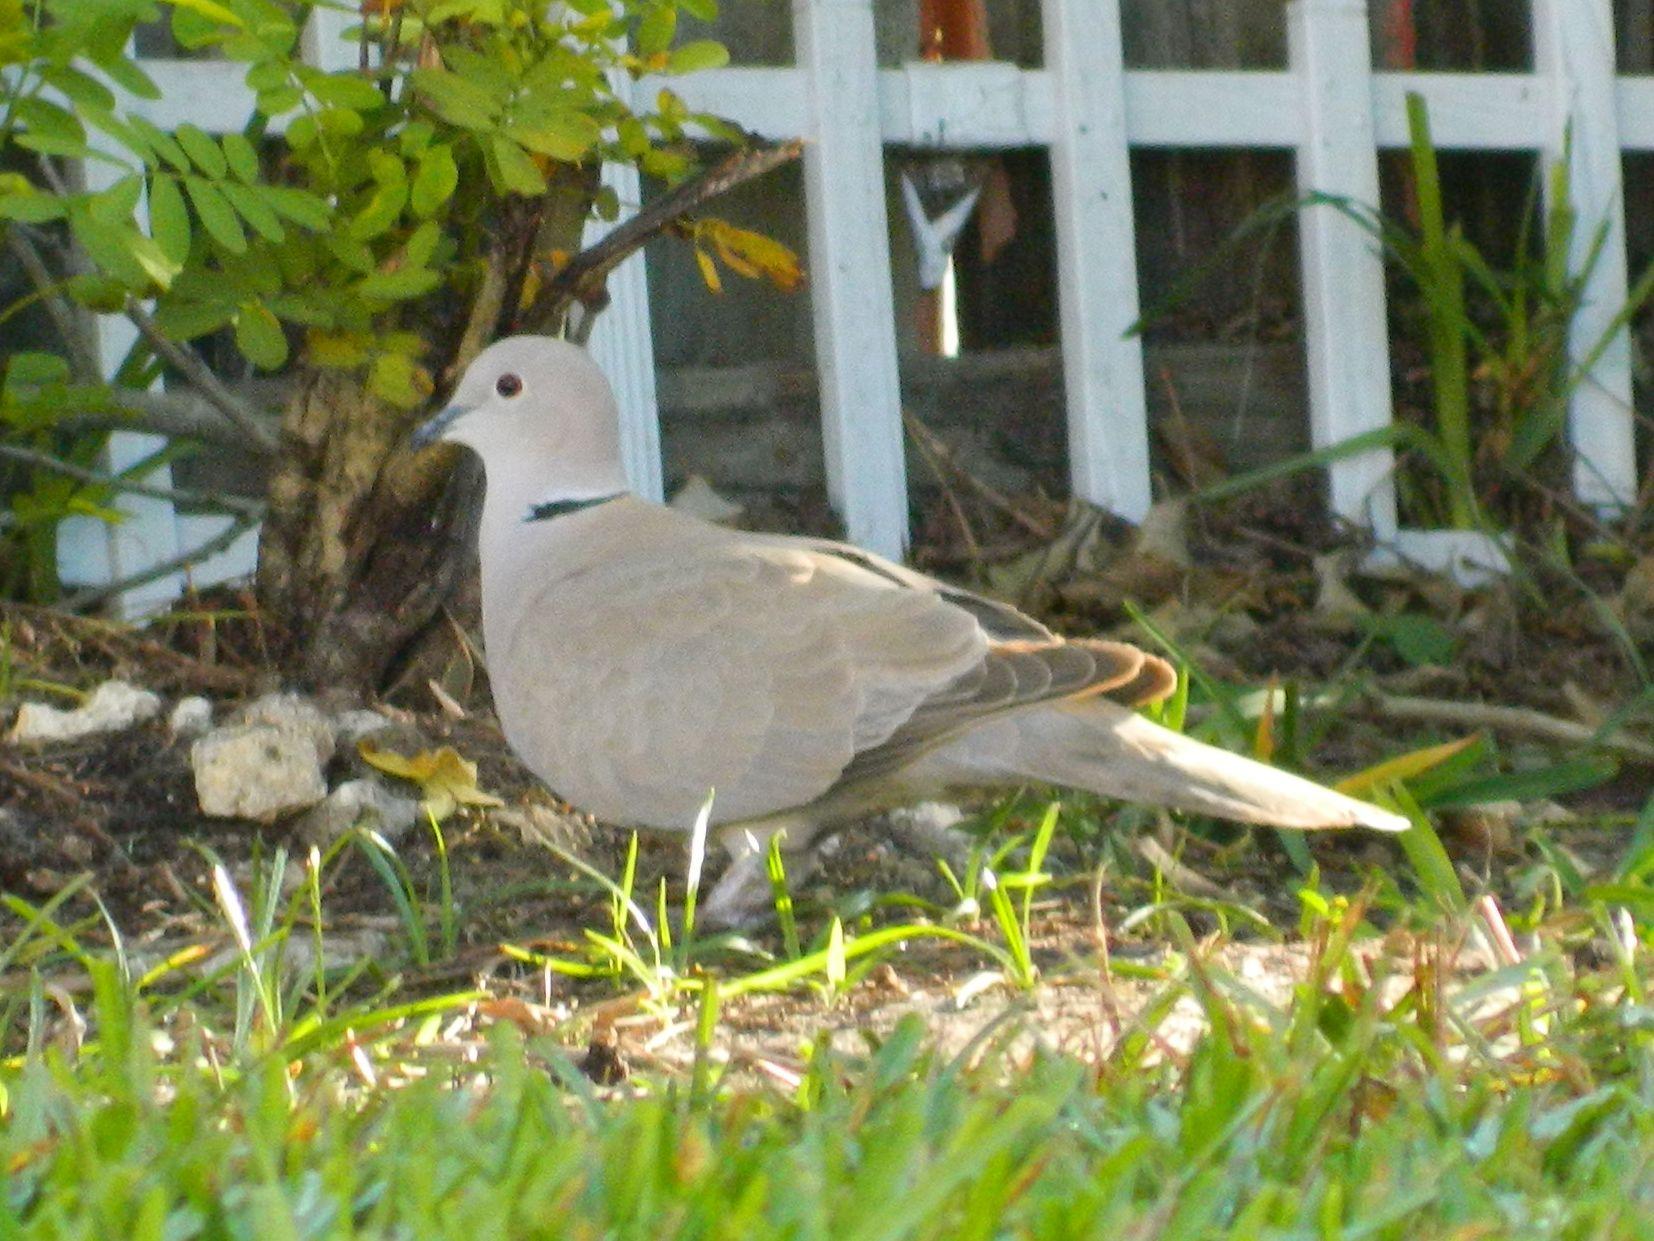 eurasian collared dove in my backyard photo taken by